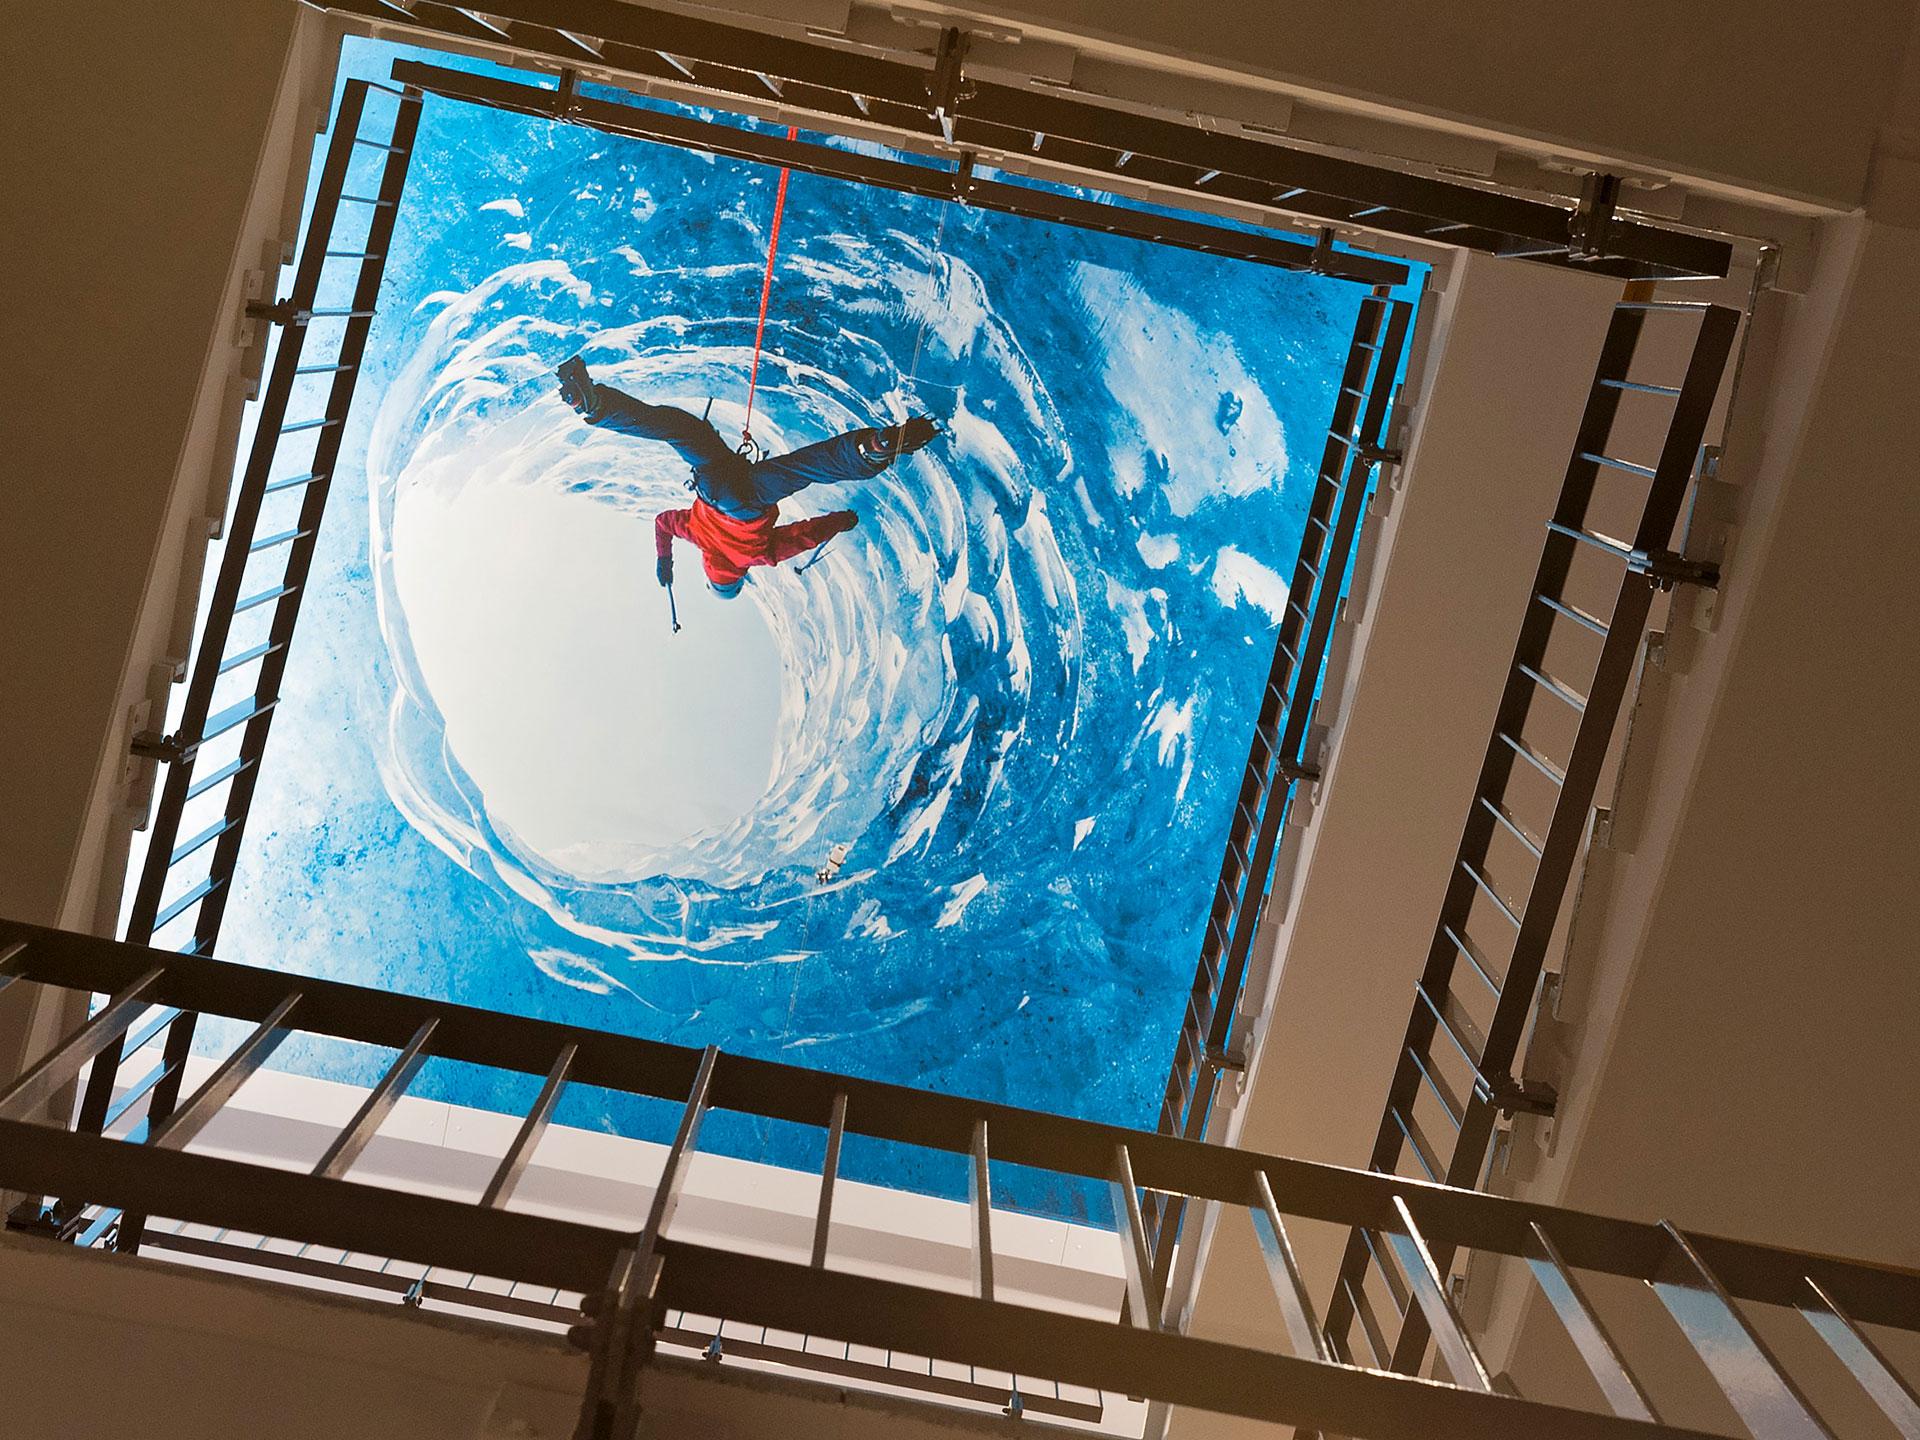 Von Kleinhempel Large Format Printing bedrucktes Glasfasergewebe im Globetrotter-Treppenhaus